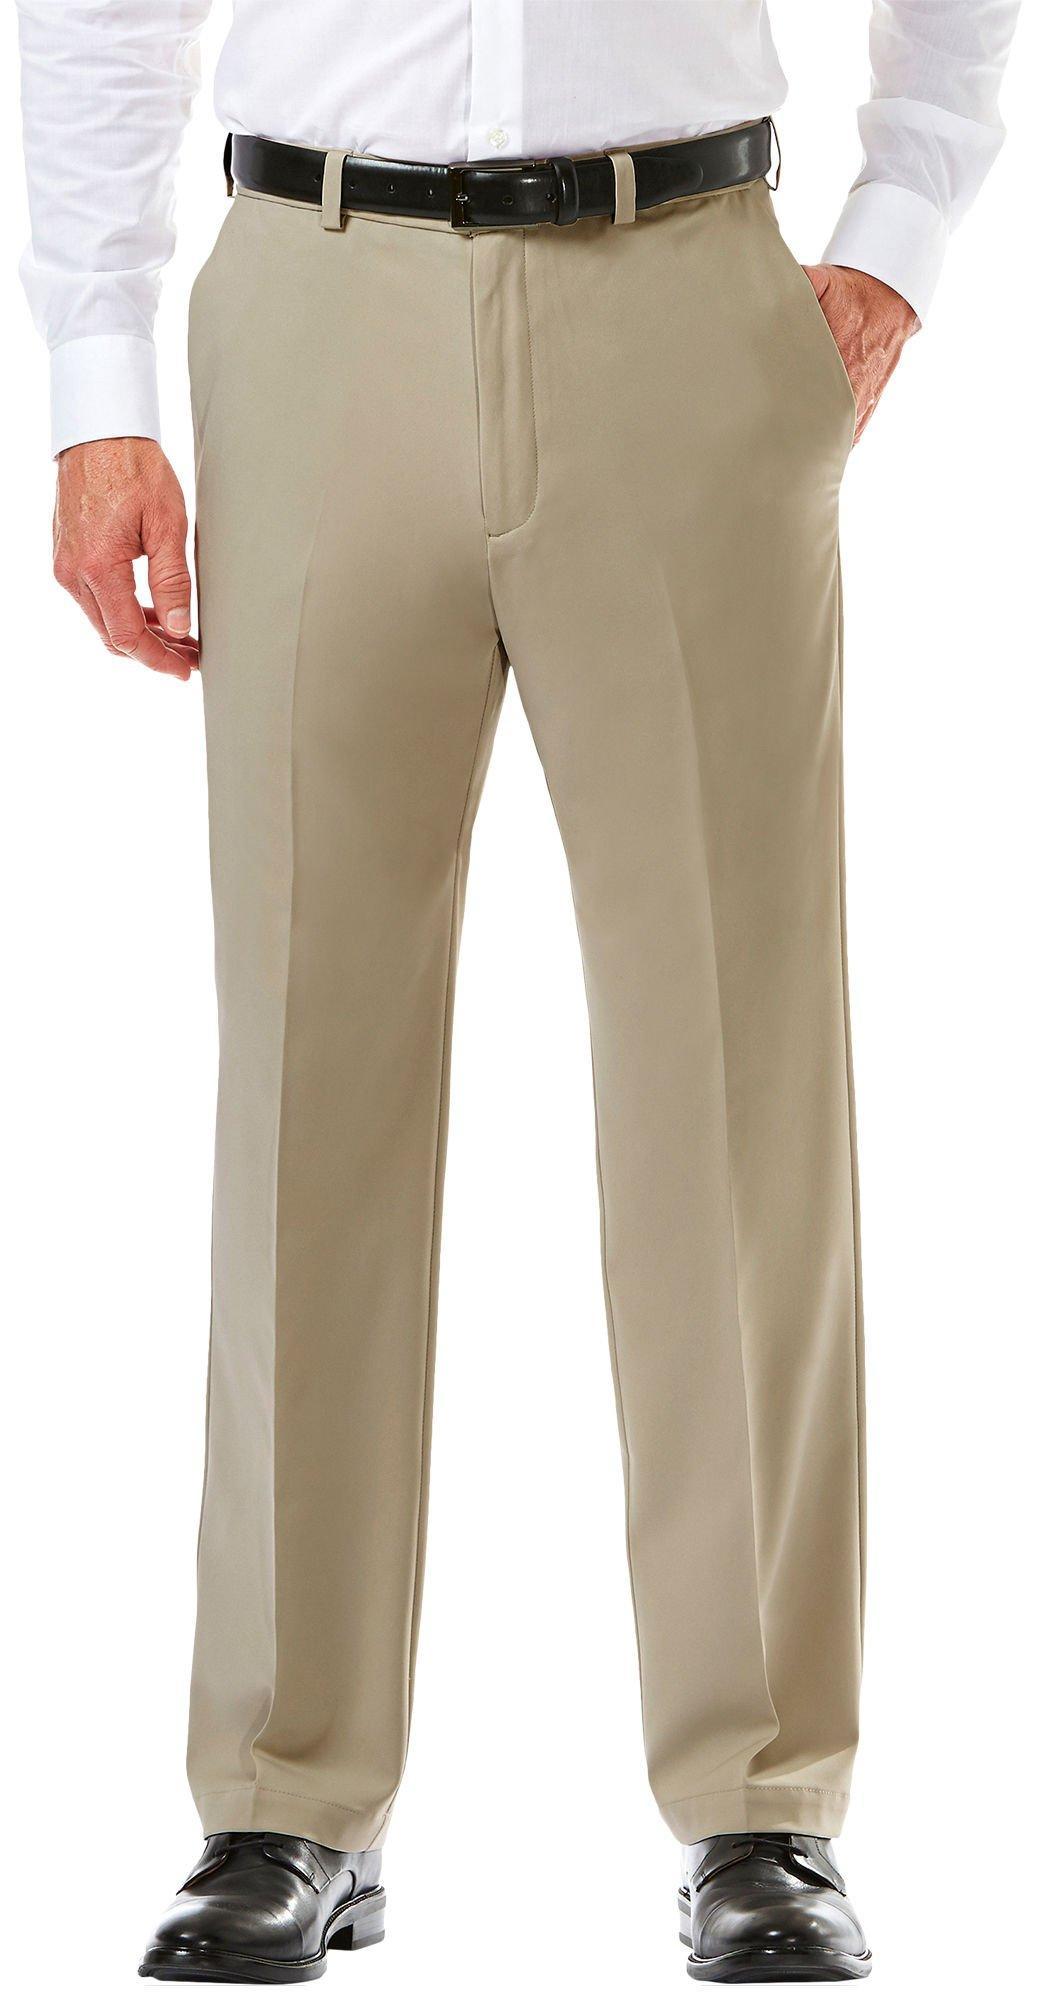 Haggar Mens J.m Premium Stretch Classic Fit Plain Front Pant Suit Pants Separate